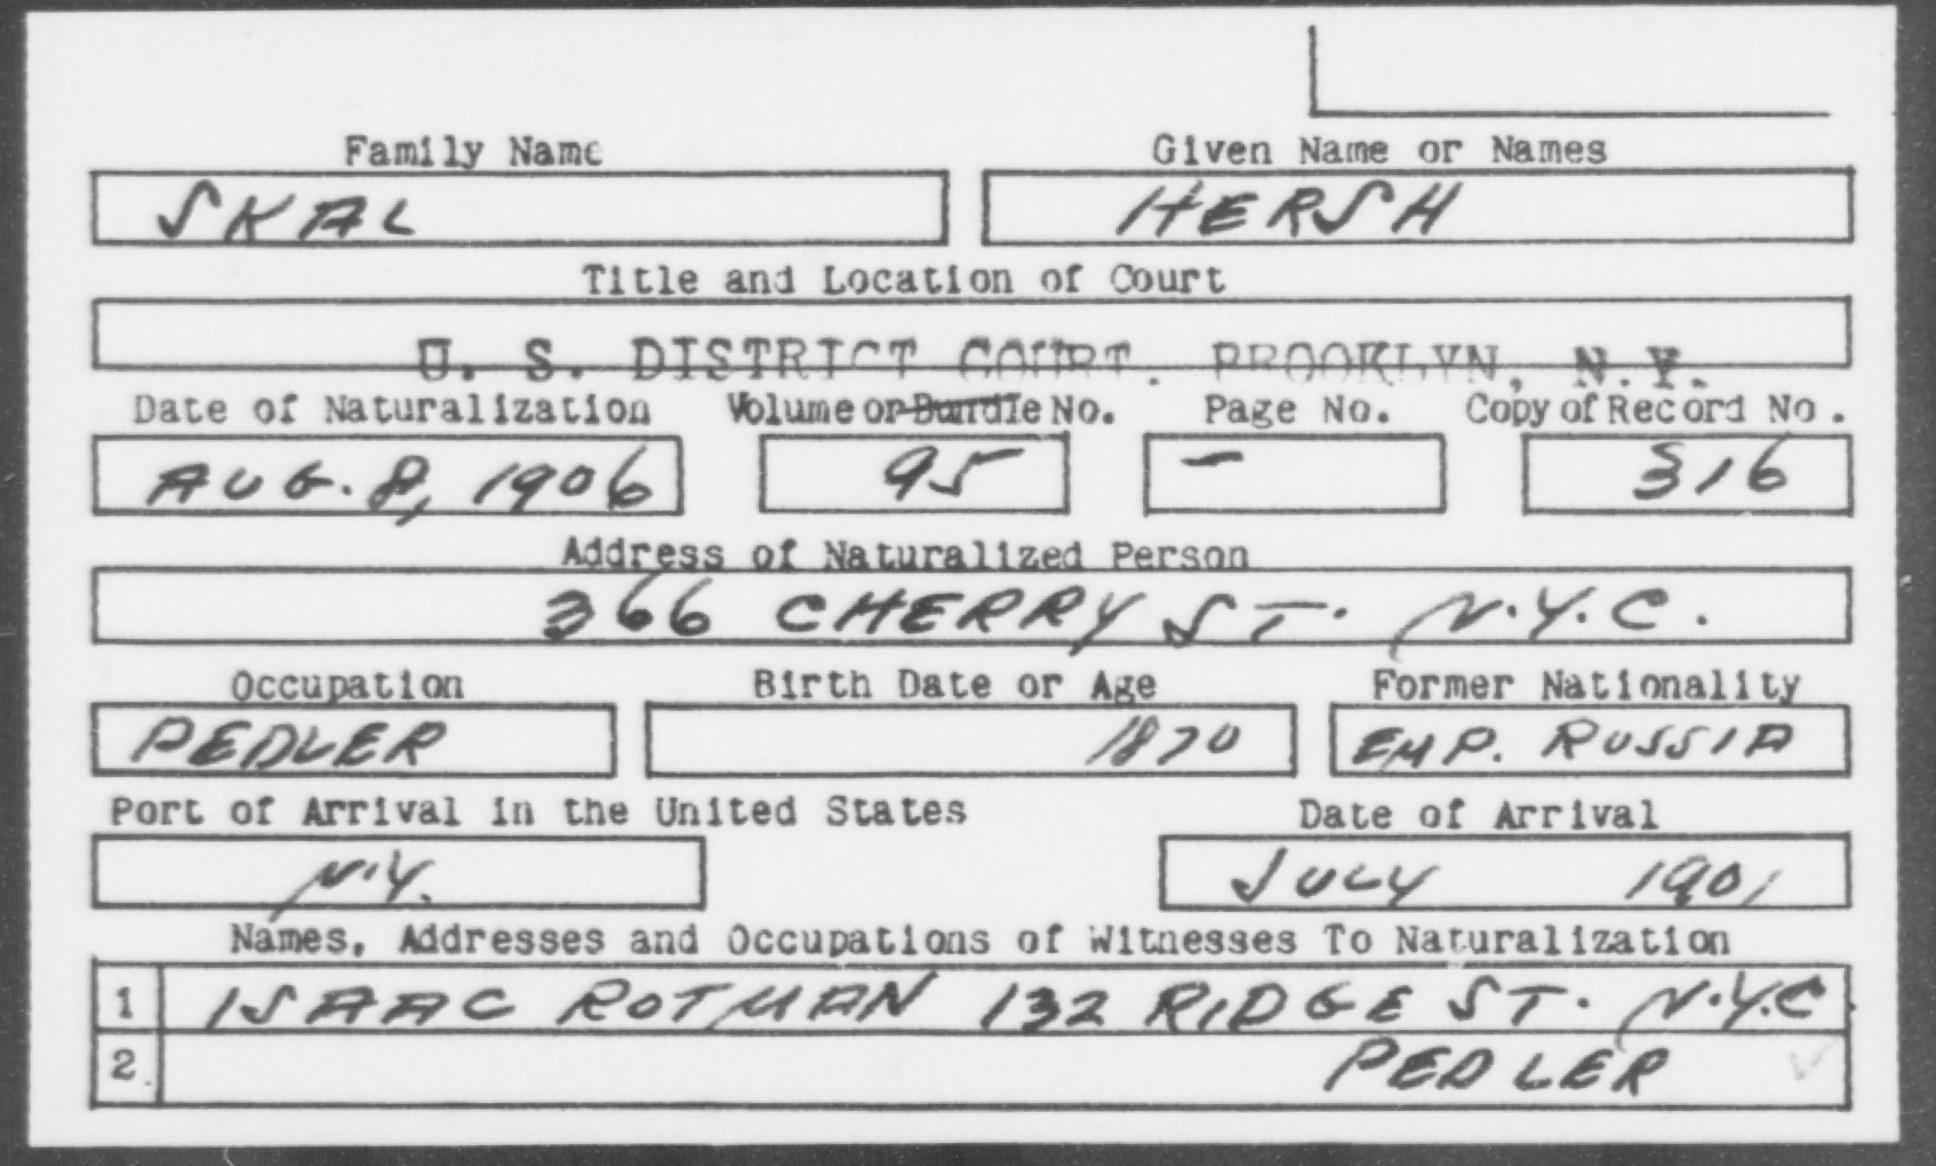 SKAL, HERSH - Born: 1870, Naturalized: 1906